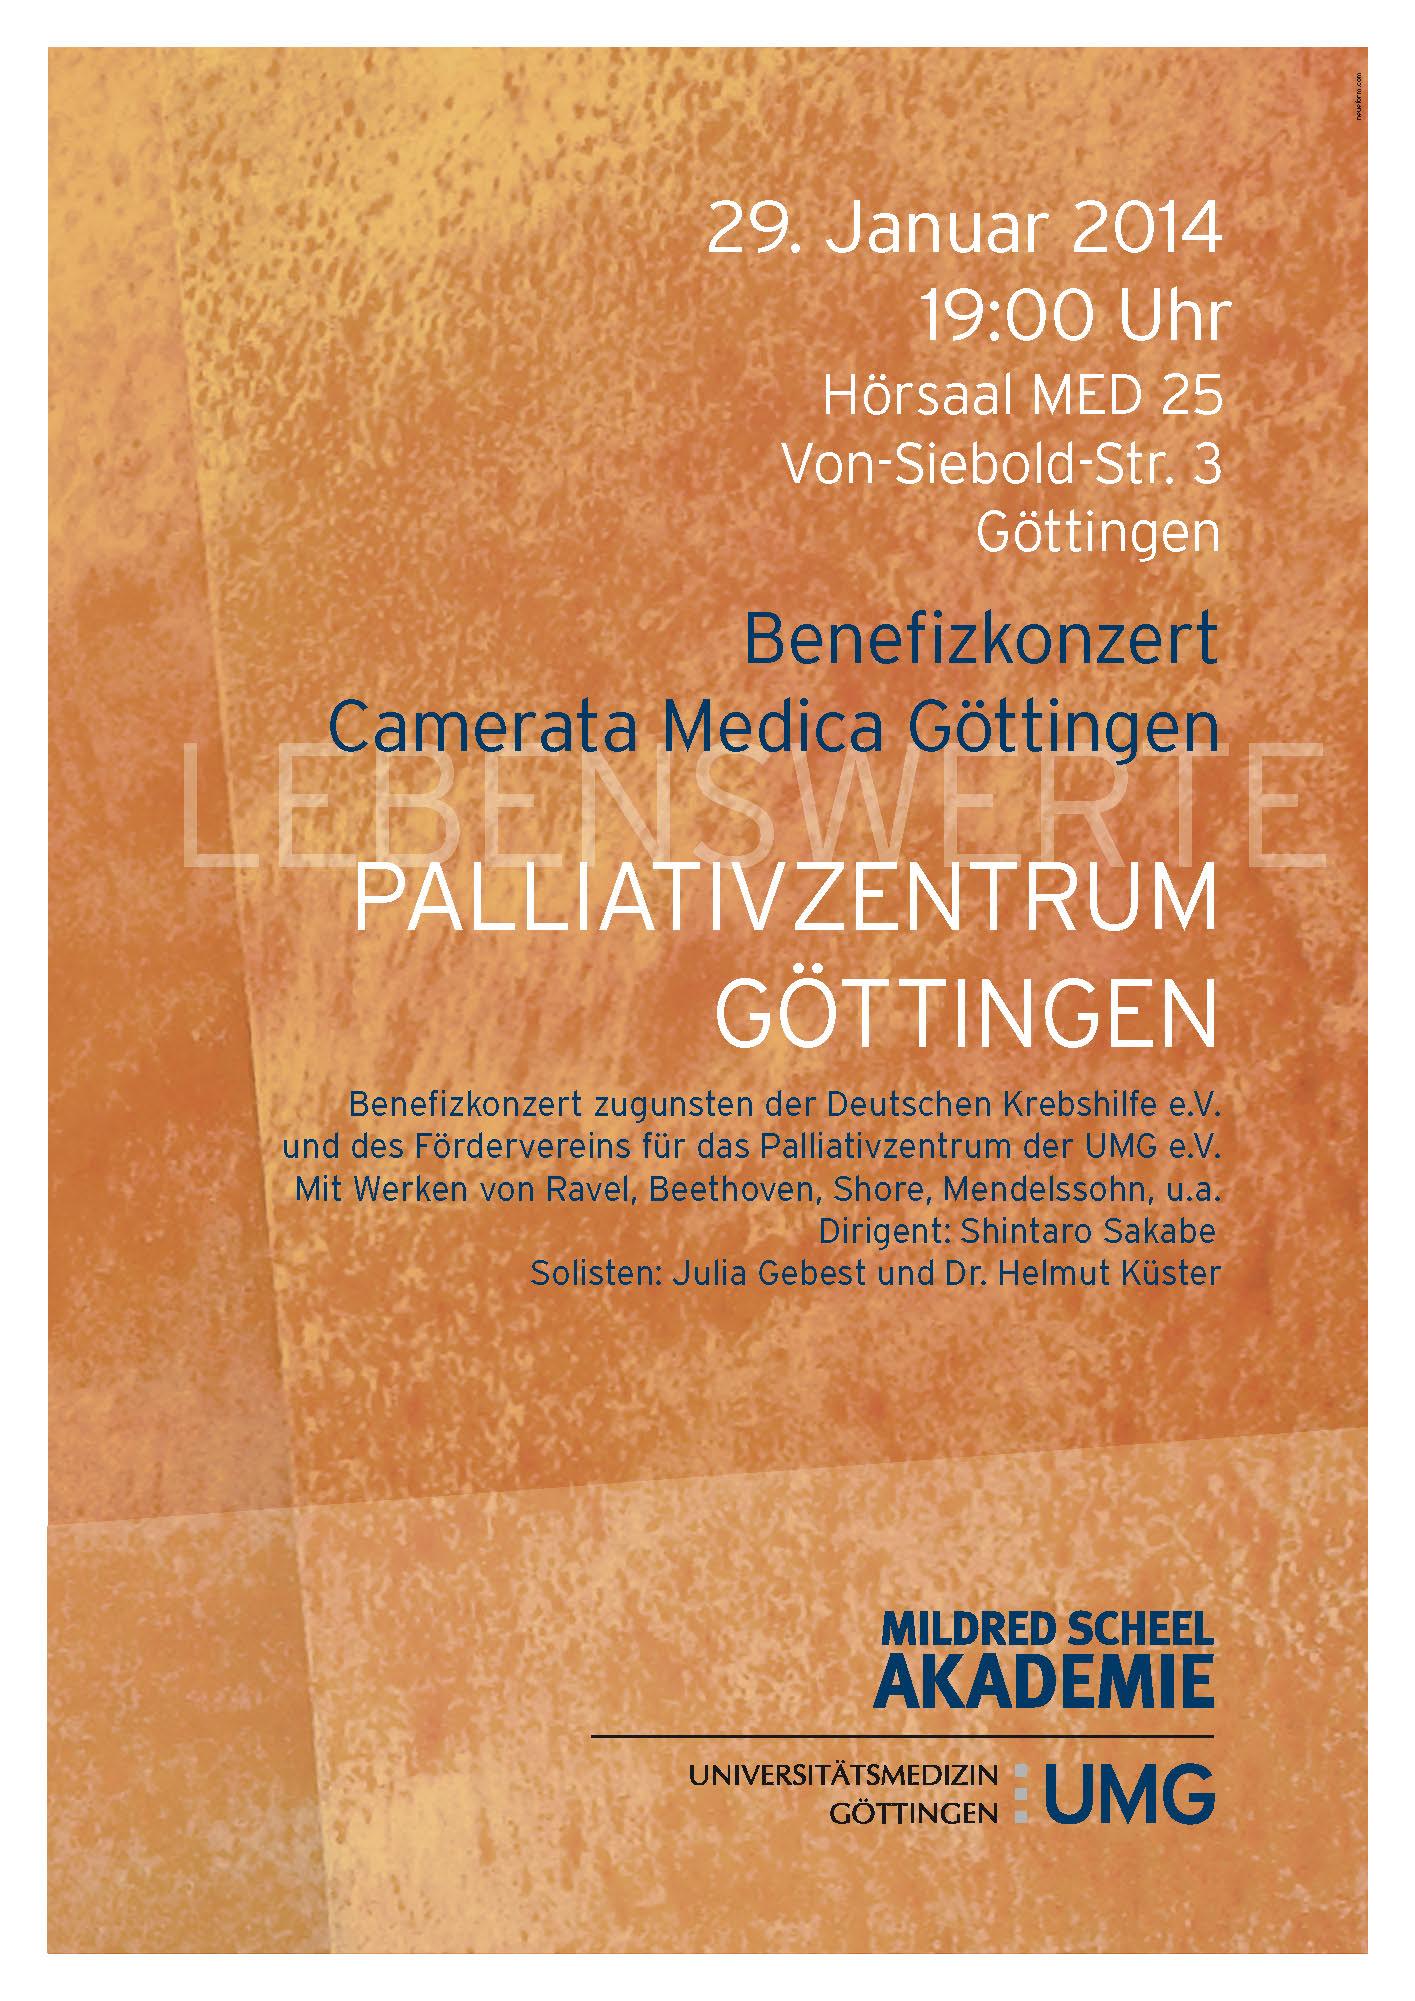 Einladung zum Benefizkonzert am 29.01.2014